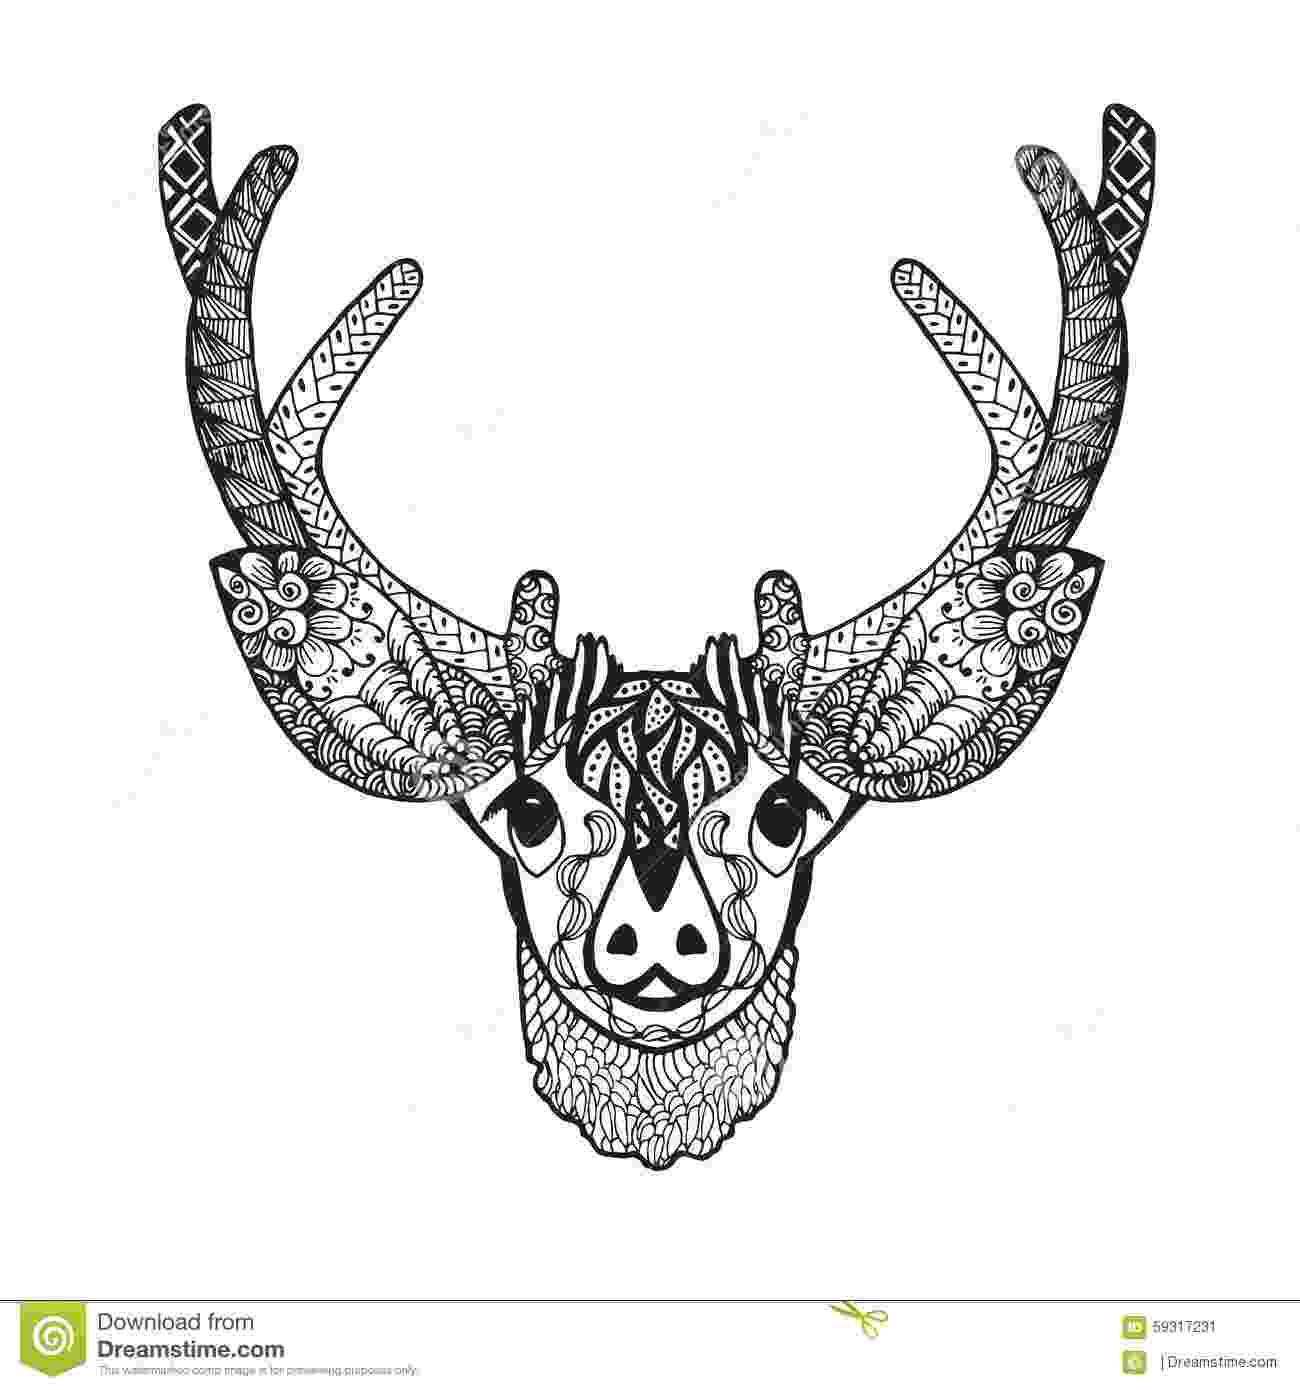 deer zentangle zentangle stylized baby deer sketch for tattoo or t shirt deer zentangle